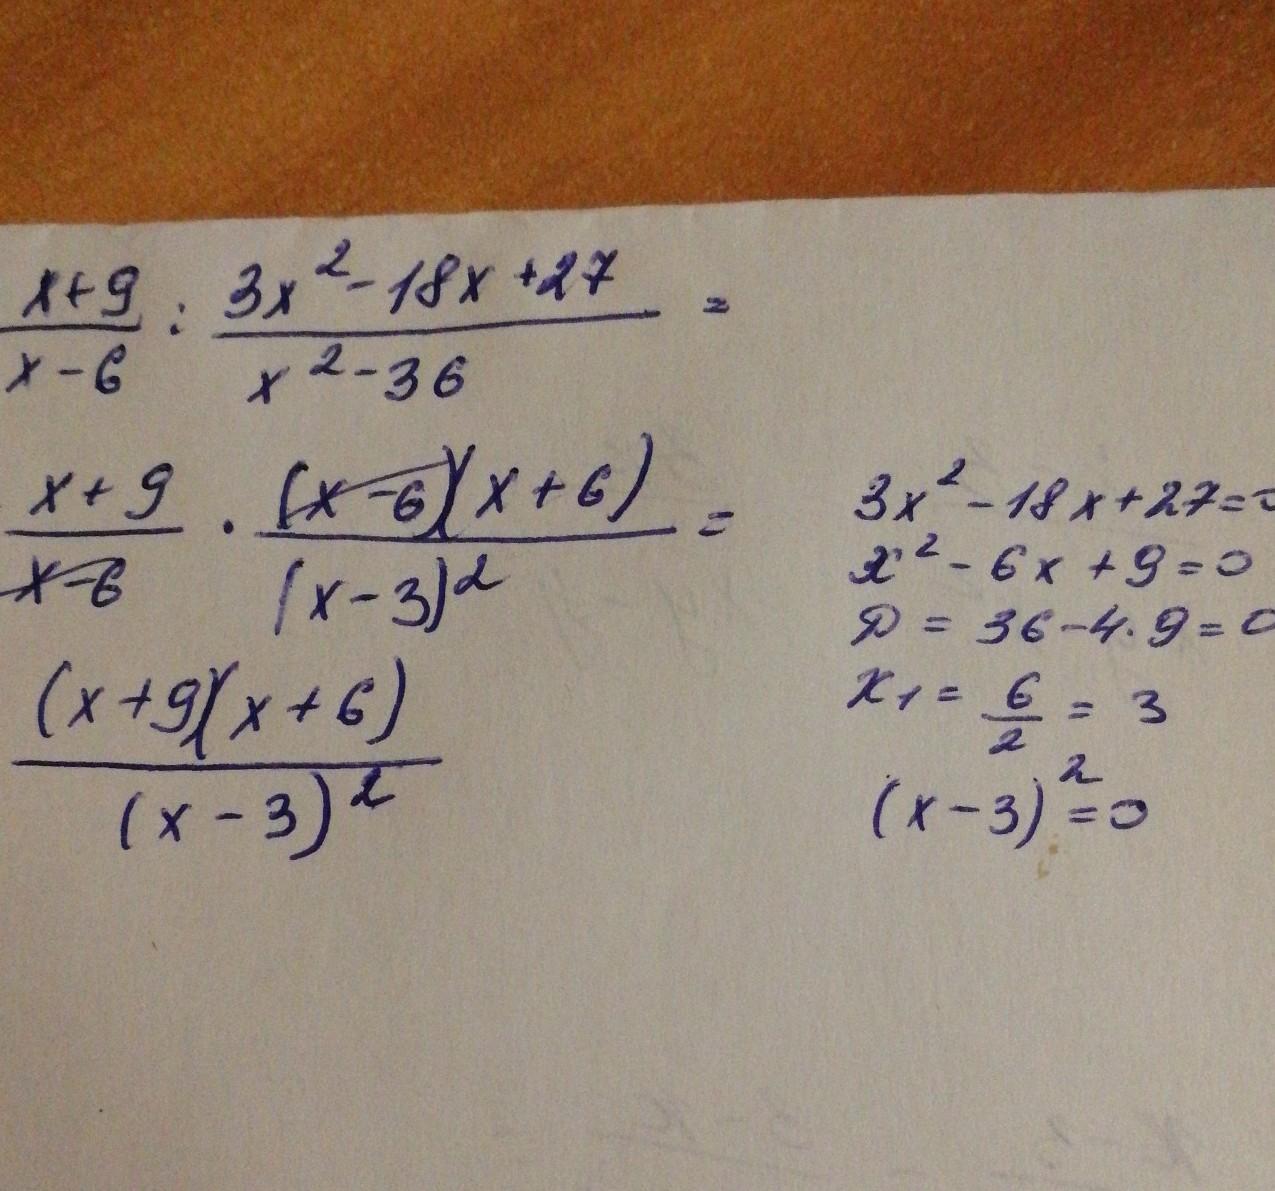 Упростите выражение (x+9/x-6):3x^2-18x+27/x^2-36